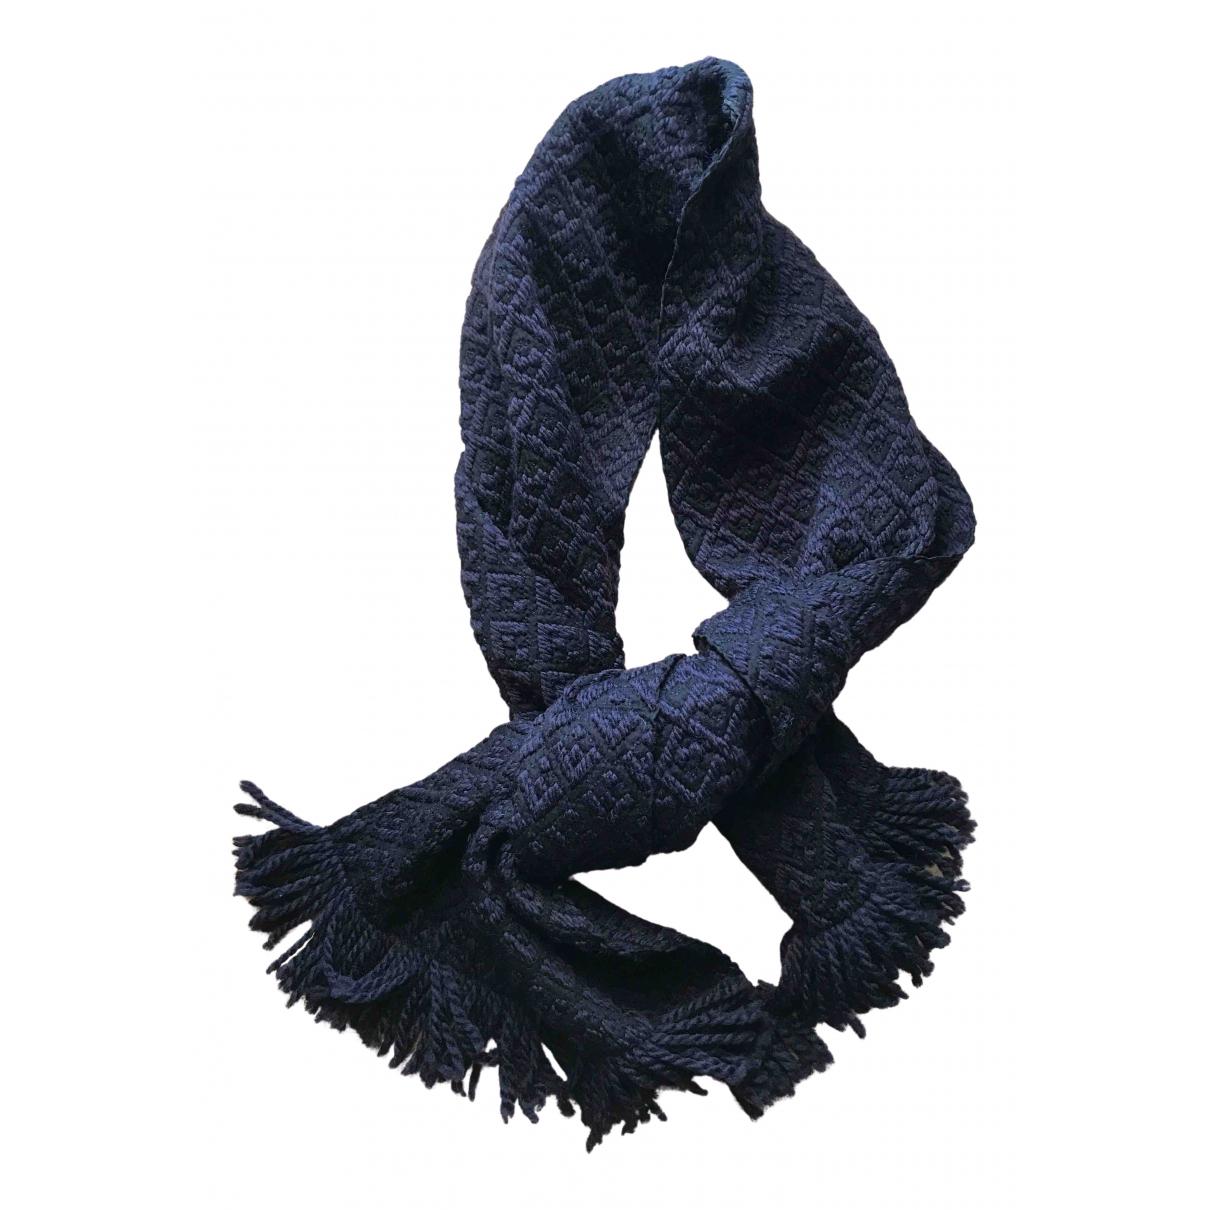 Pañuelo / bufanda de Lana Bally